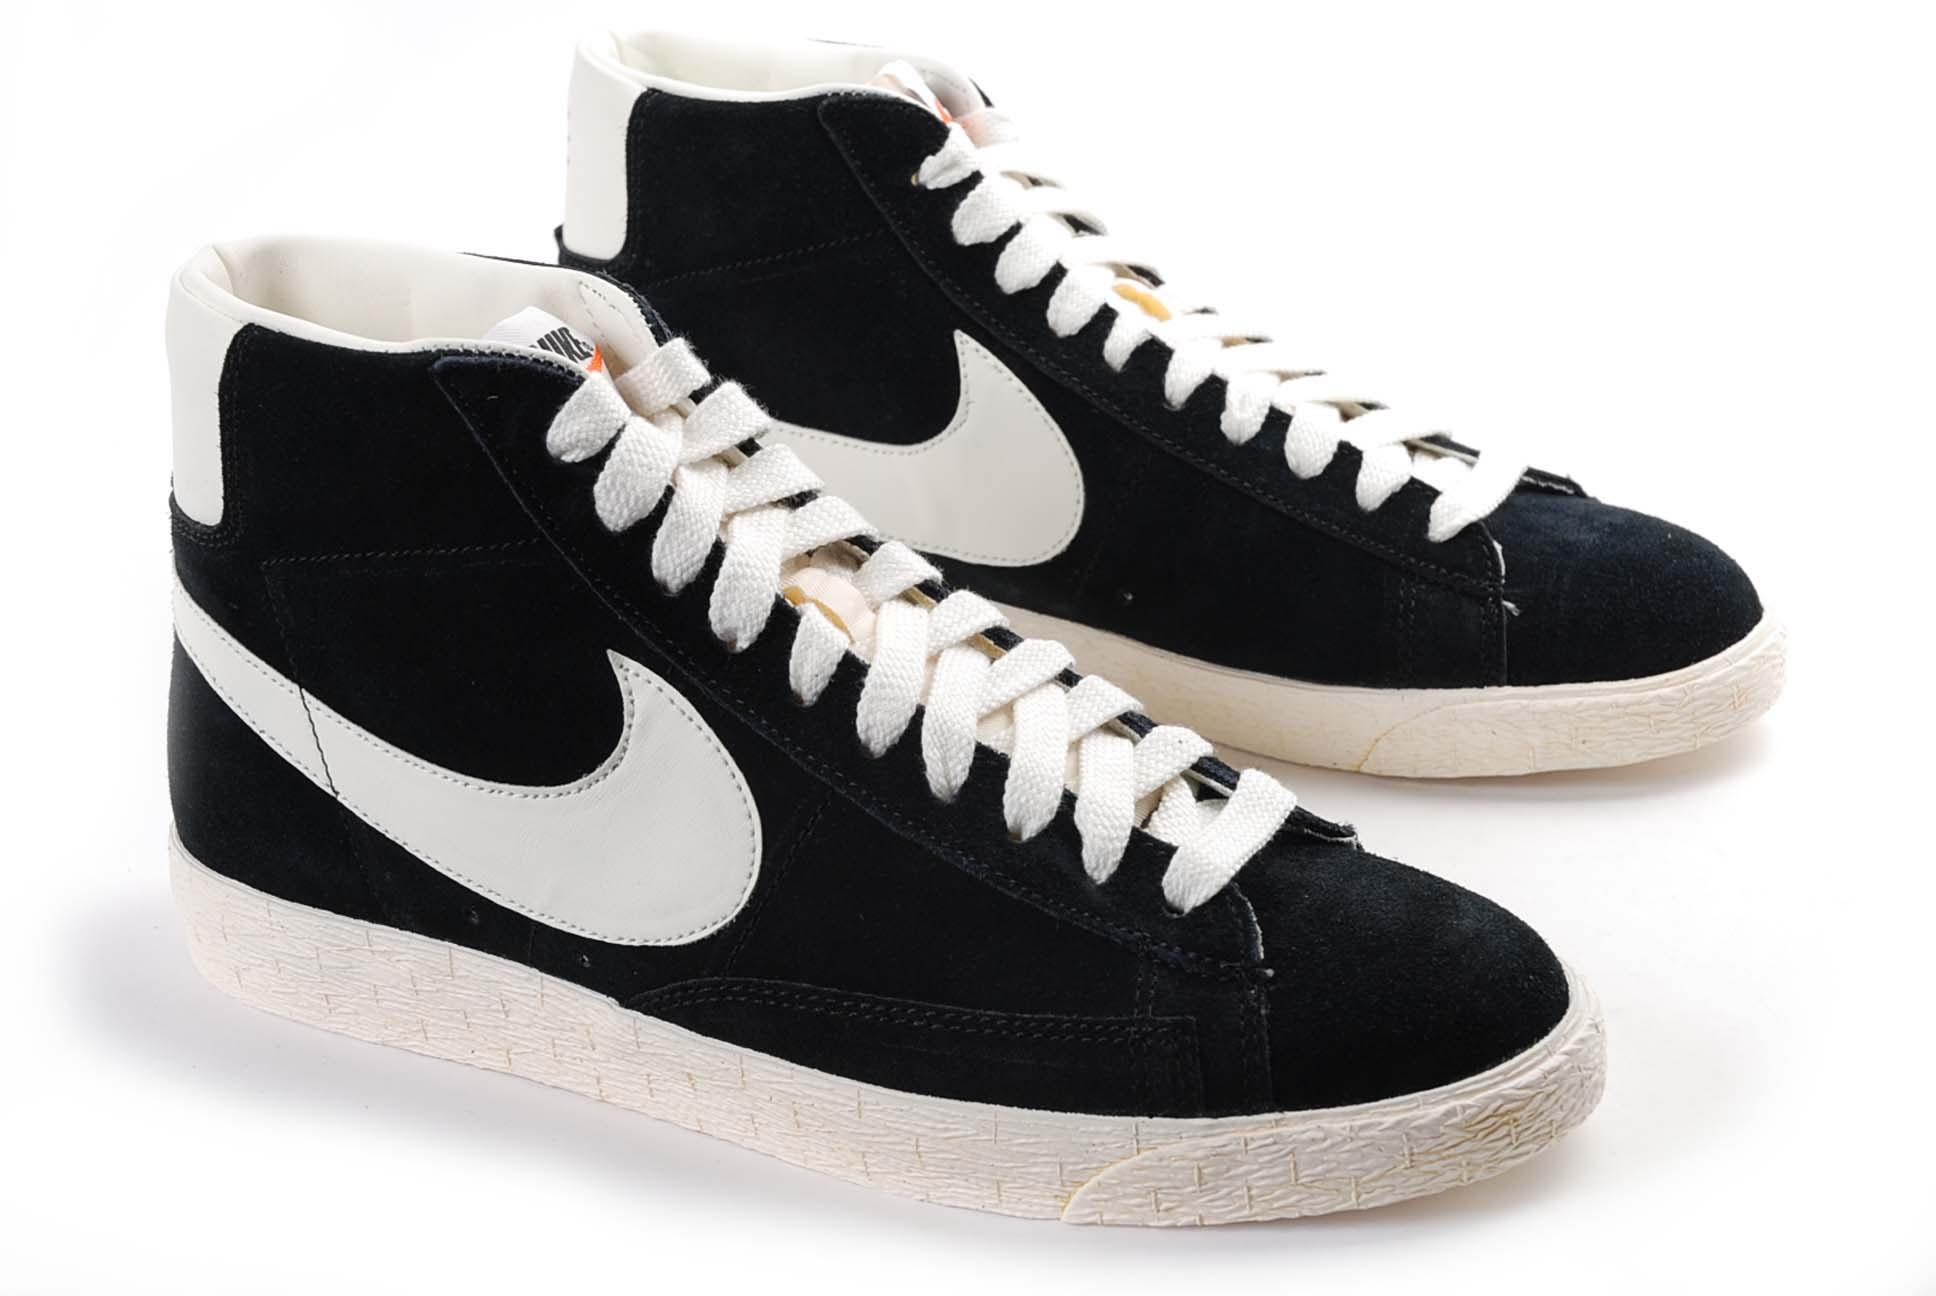 Homme Nike Blazer Original Nike Blazer Blazer Homme Acheter Acheter Original Homme Acheter Nike 6awnqARx5